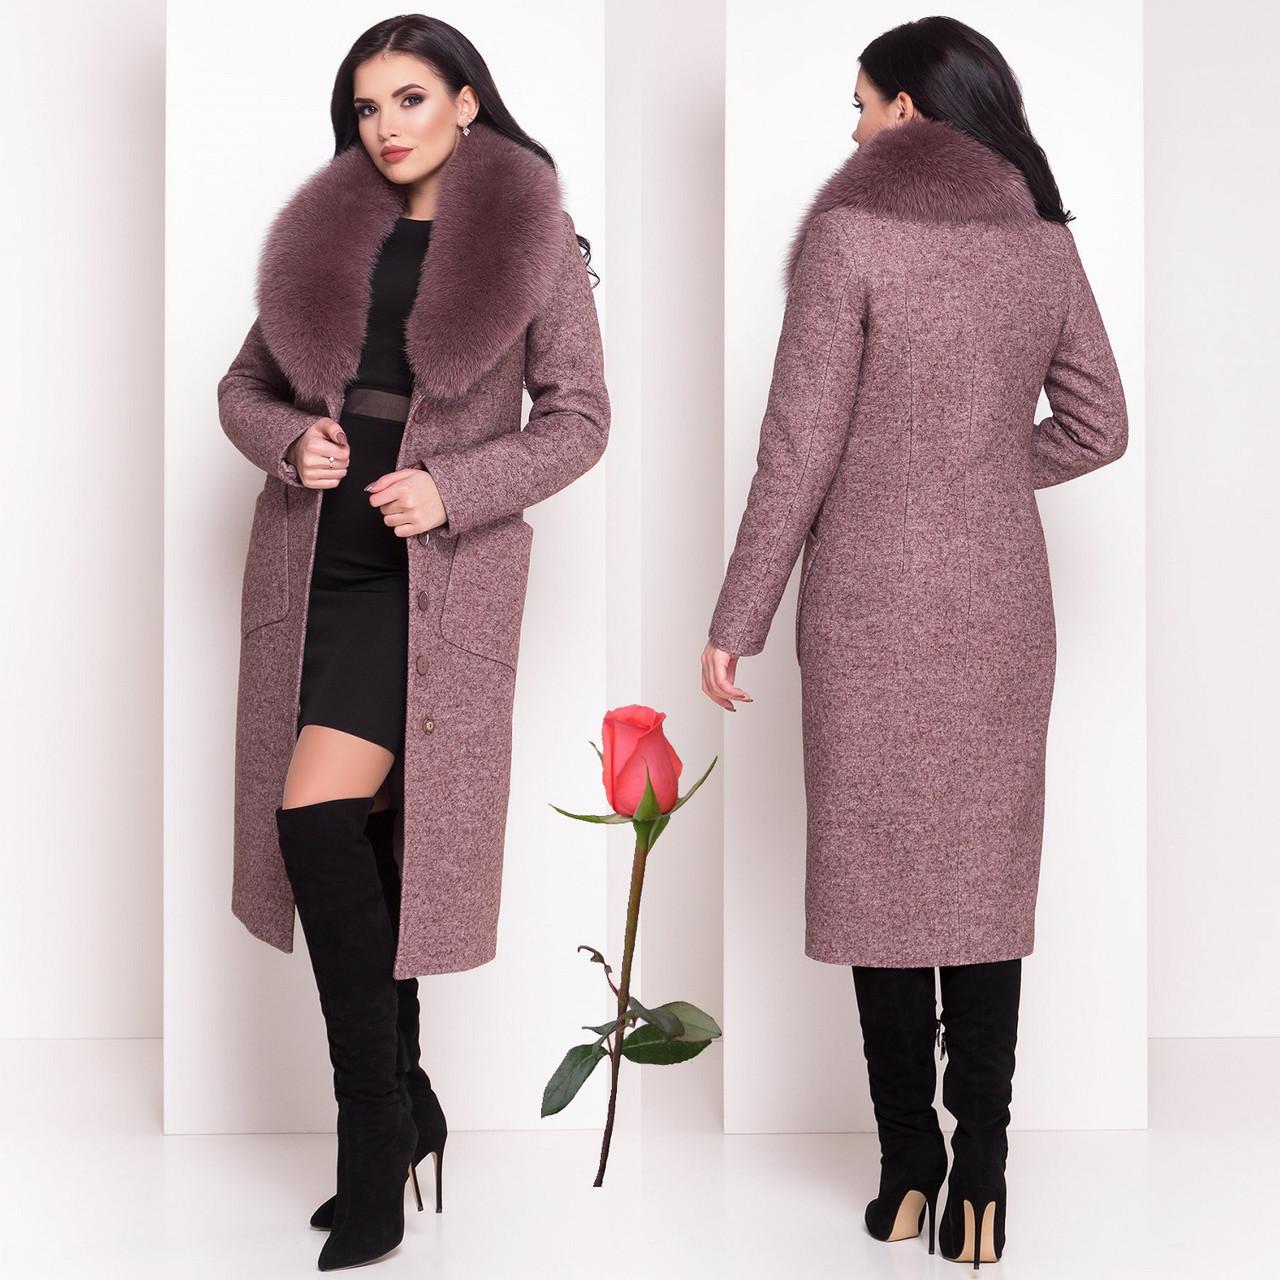 e2ae725f5ebf Женское зимнее пальто с шикарным мехом песца М 4150 Капучино - Интернет-магазин  Леди-